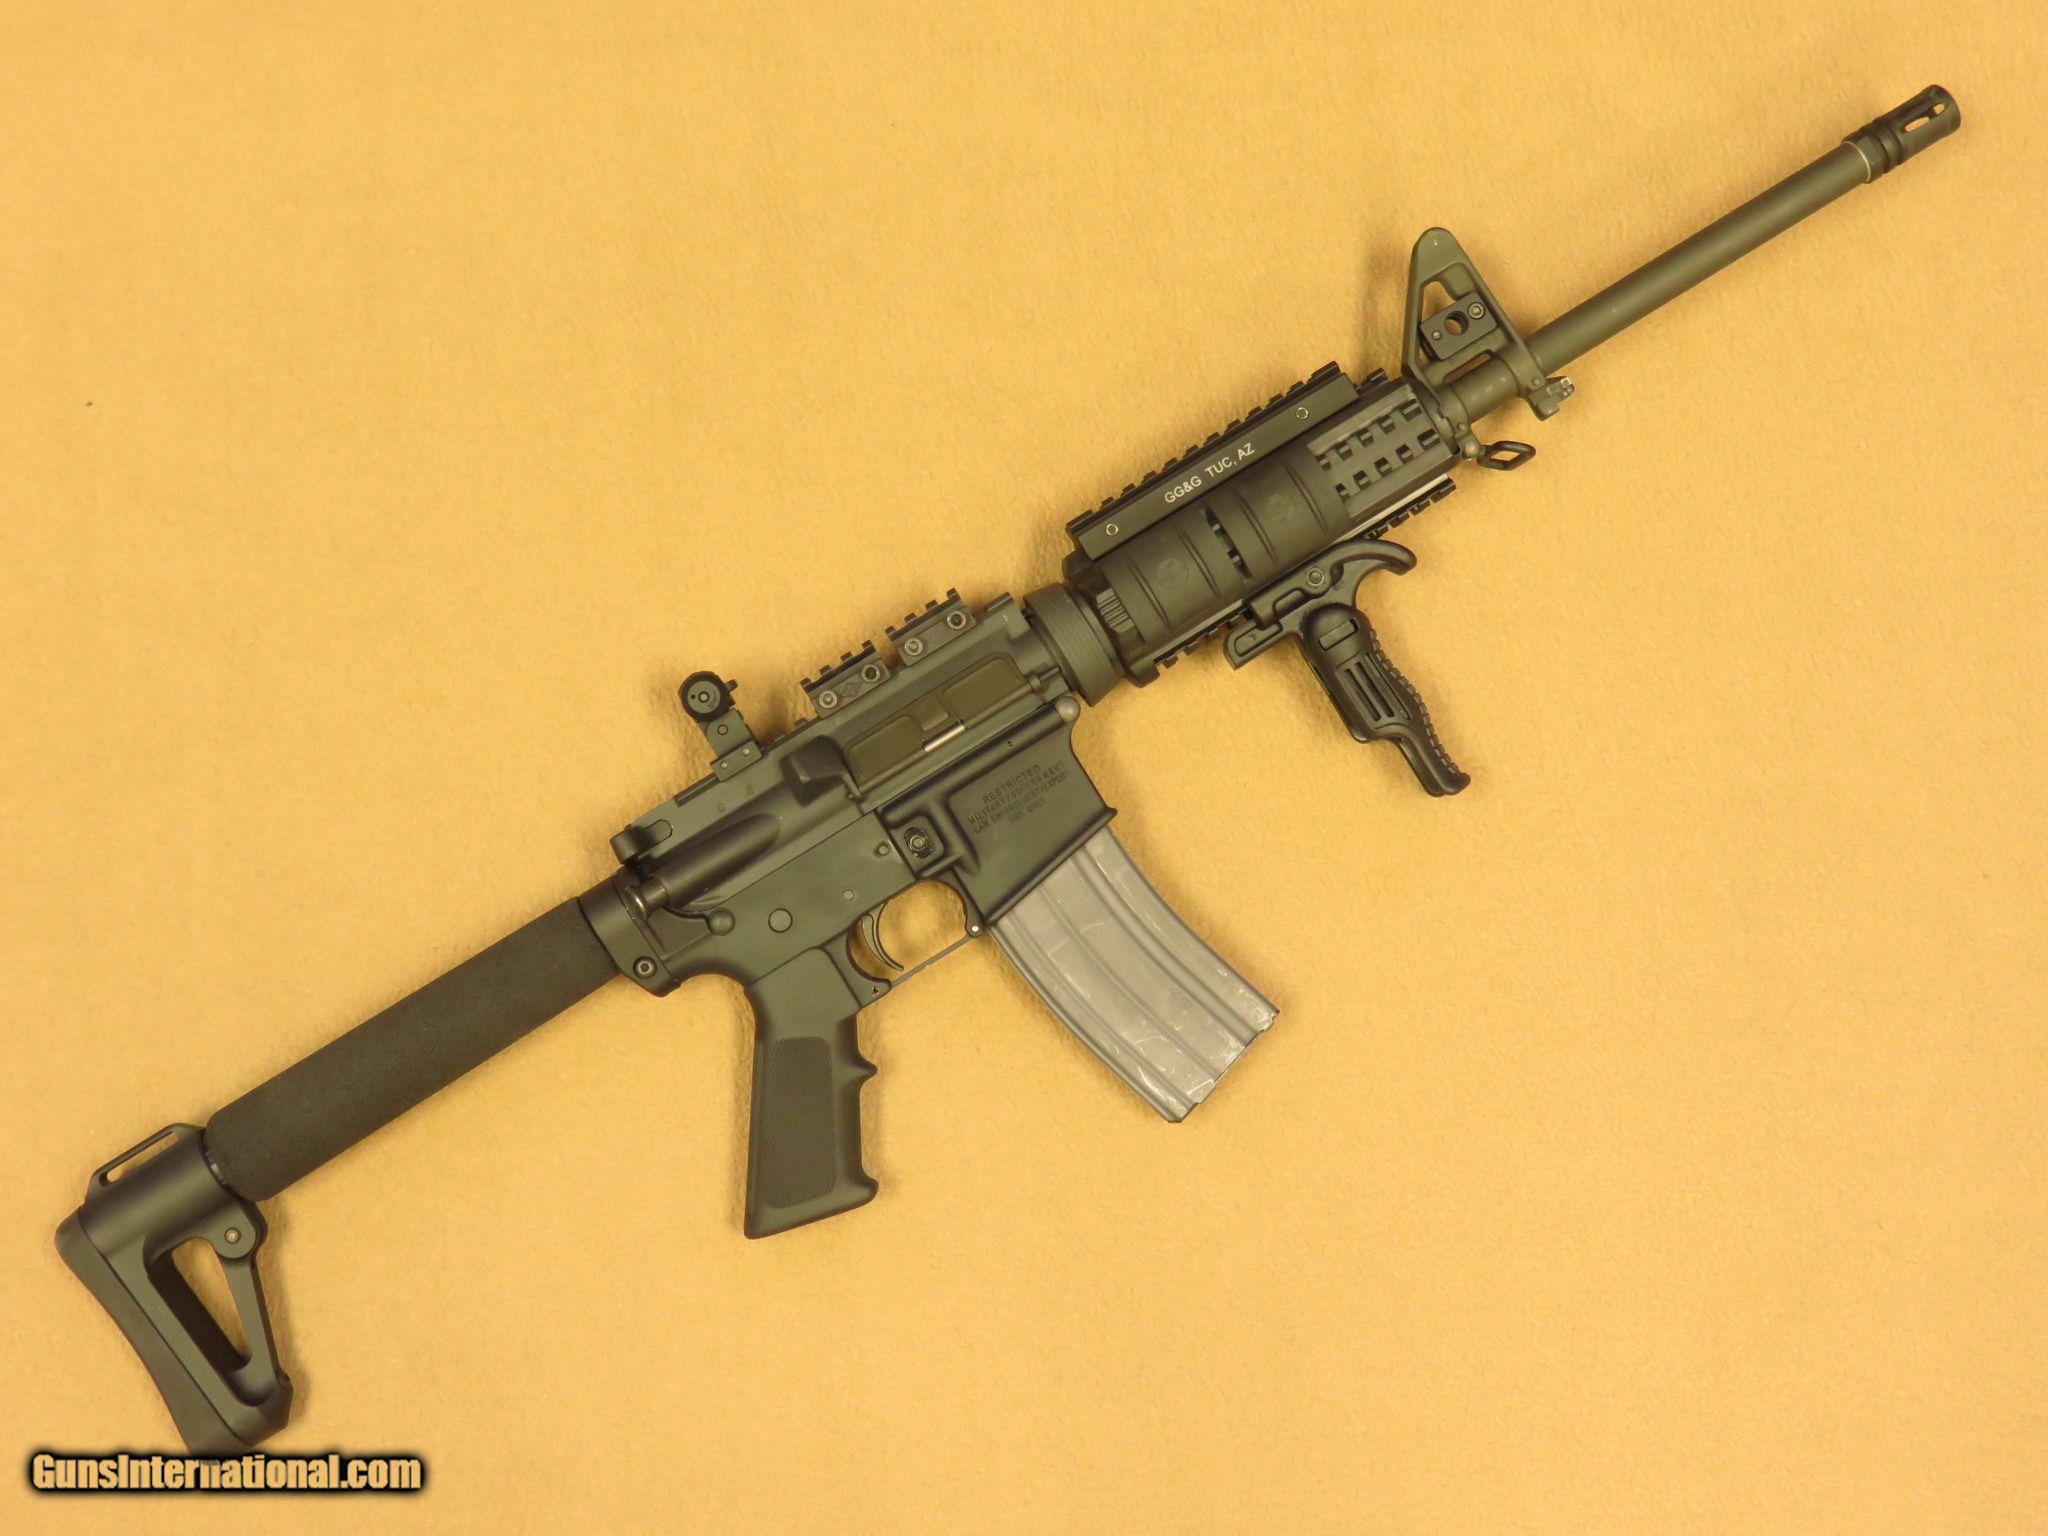 Colt Law Enforcet Carbine CAR-15, Cal. 5.56 MM